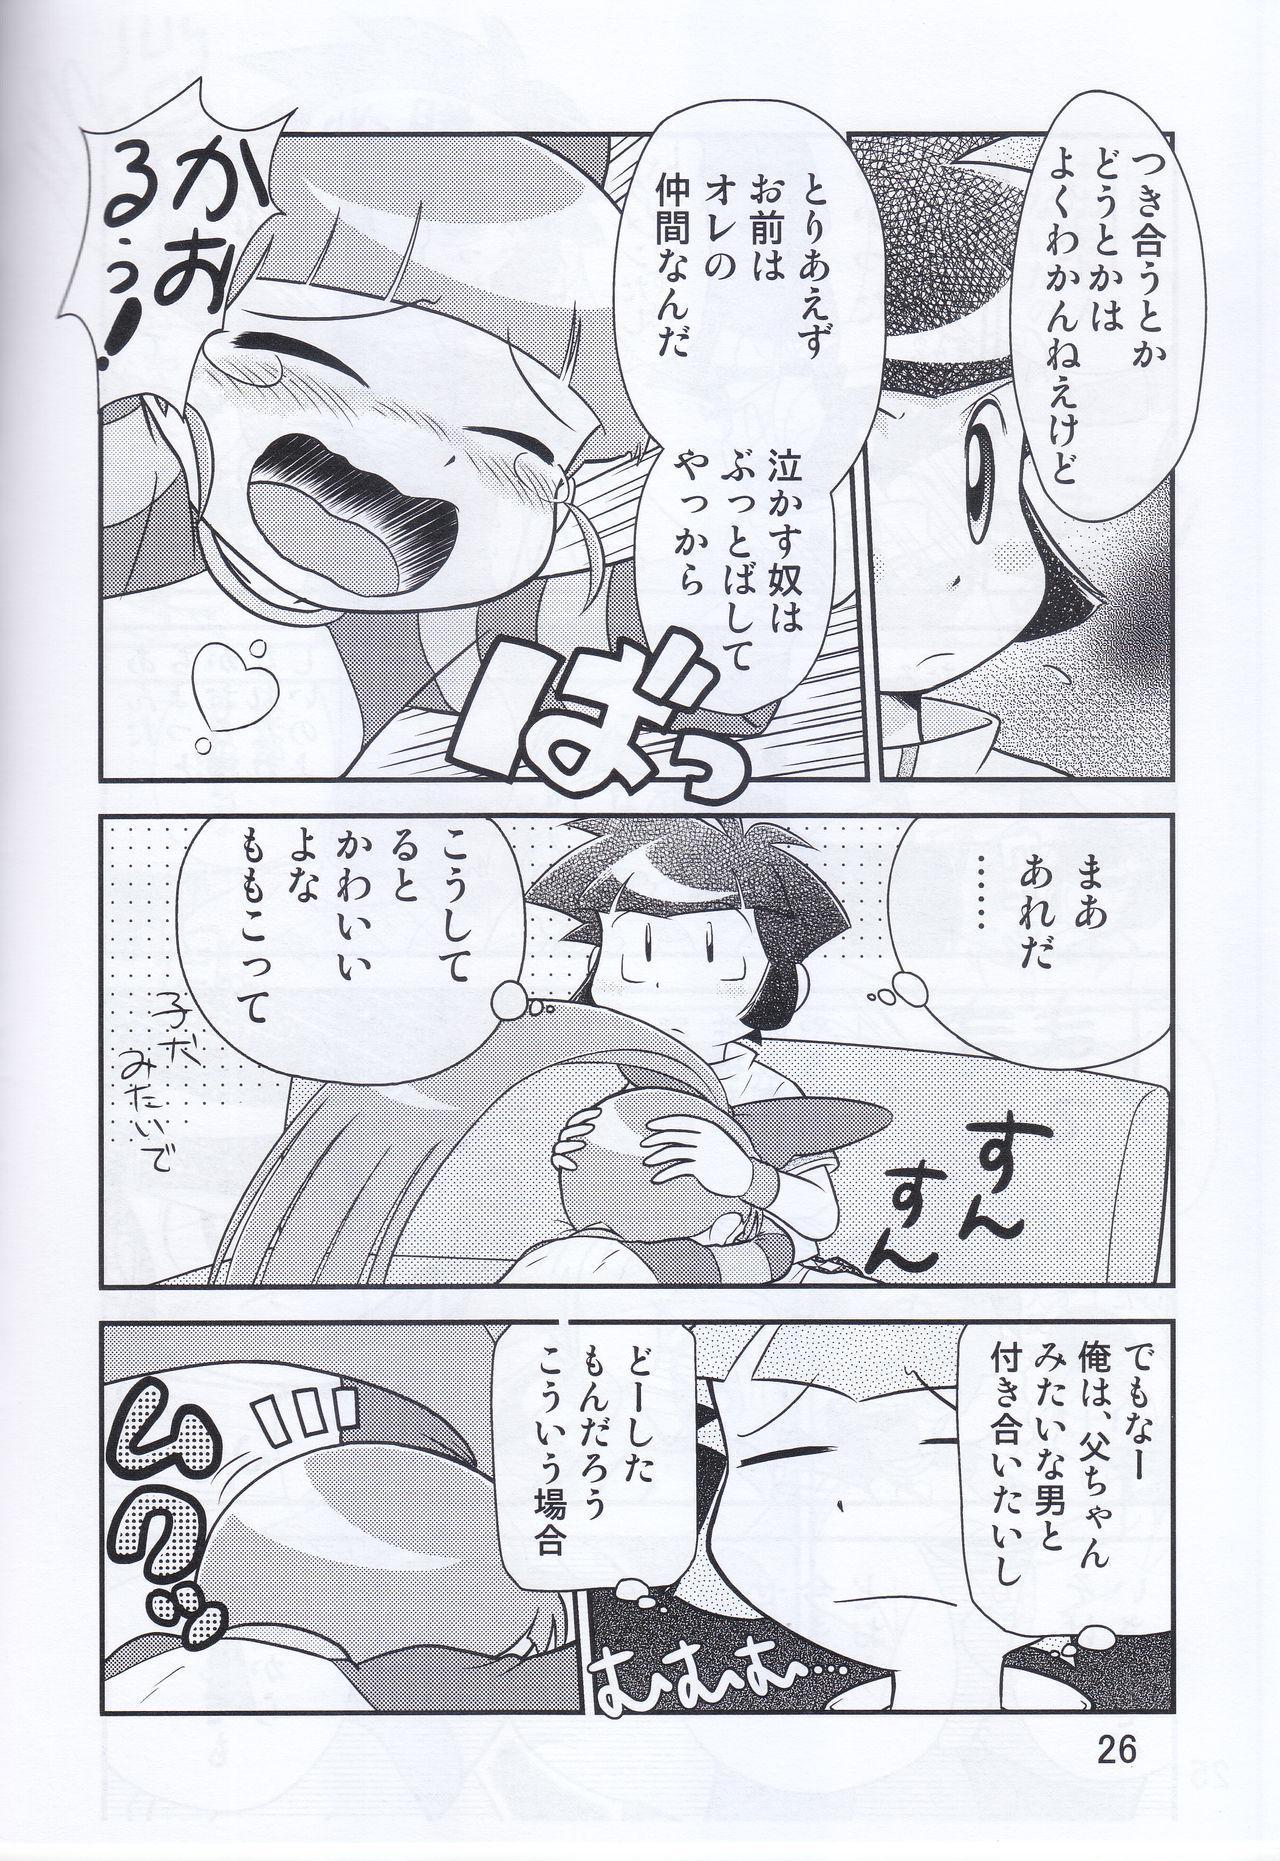 Juicy6 25